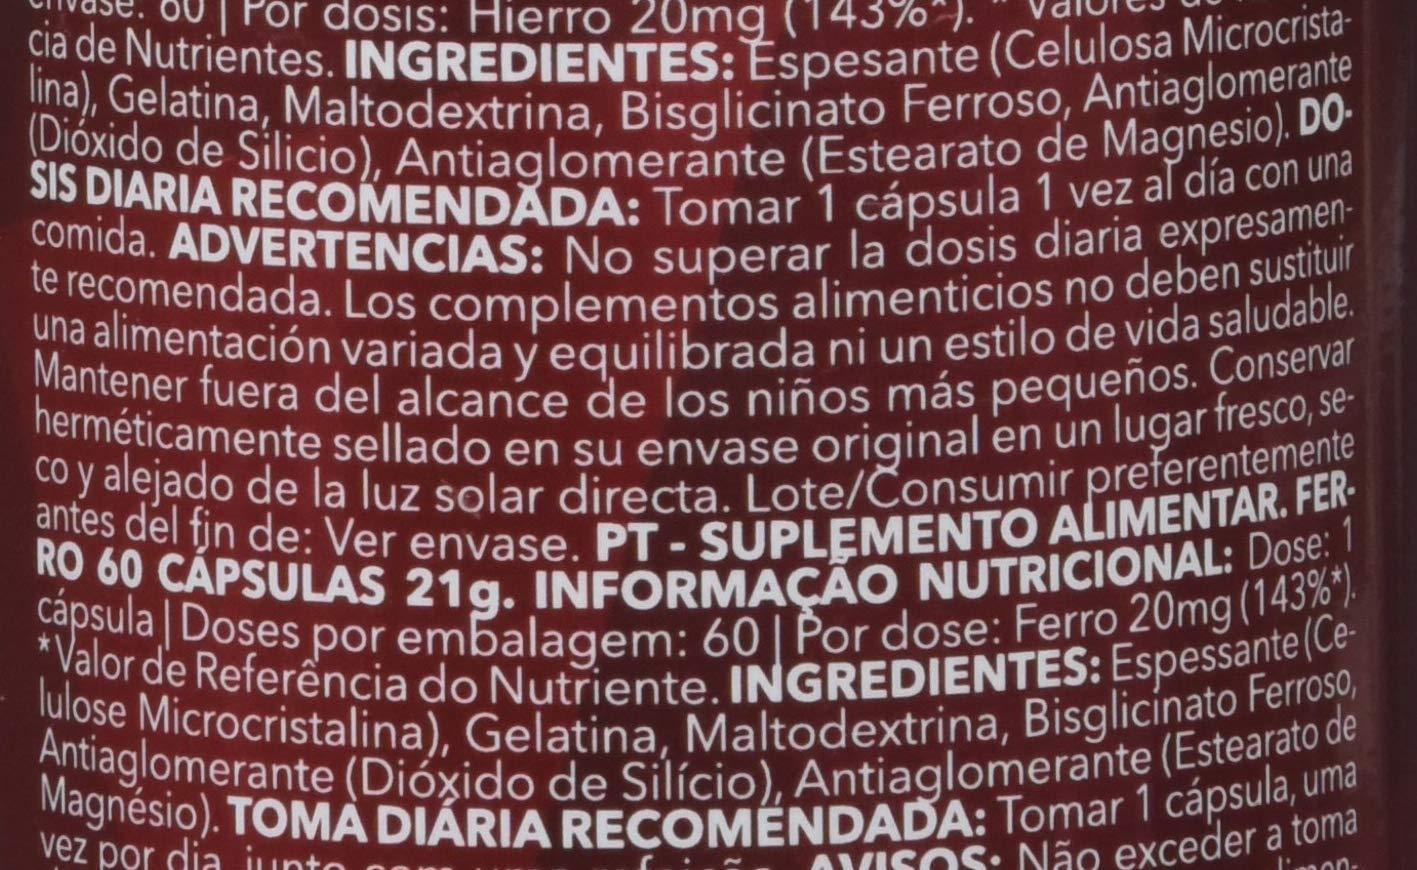 Prozis Iron, Hierro - 20 mg, 60 cápsulas: Amazon.es: Salud y cuidado personal